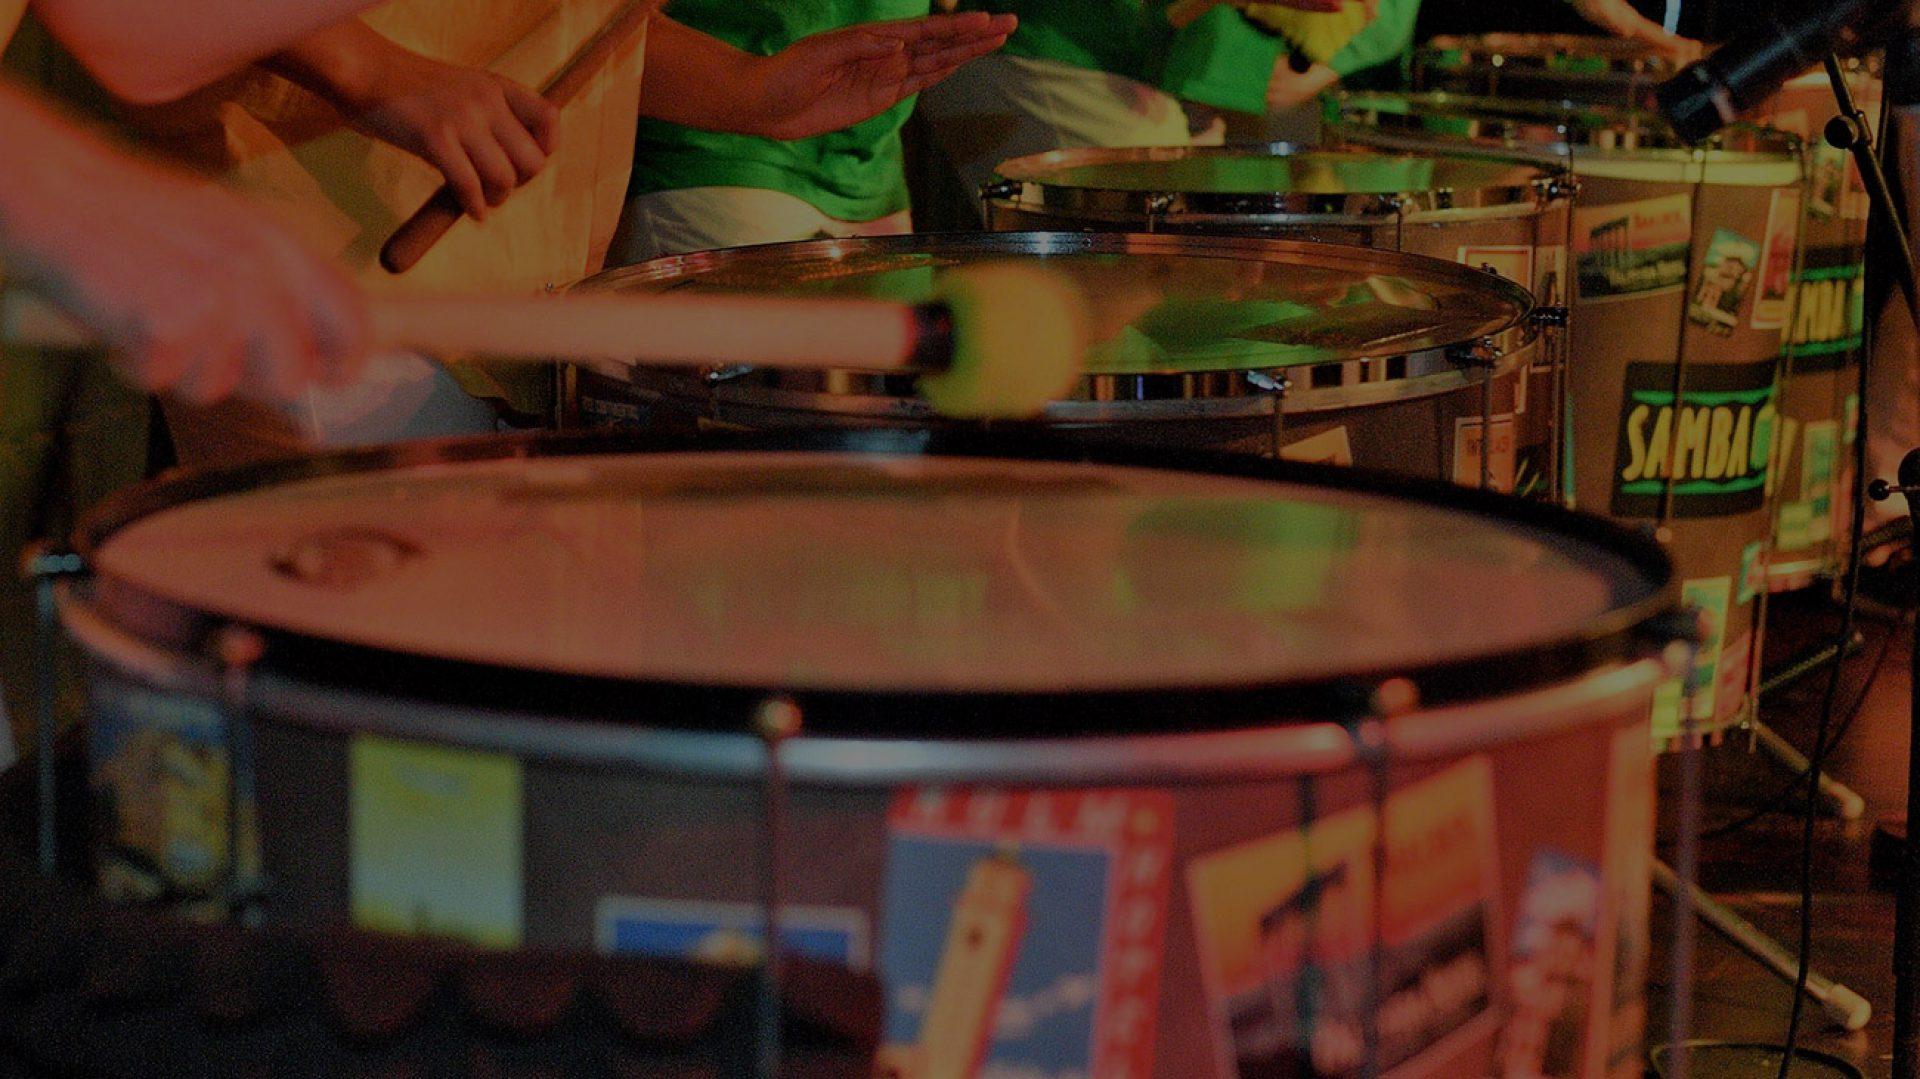 Samba-RuhrgeBeat.de